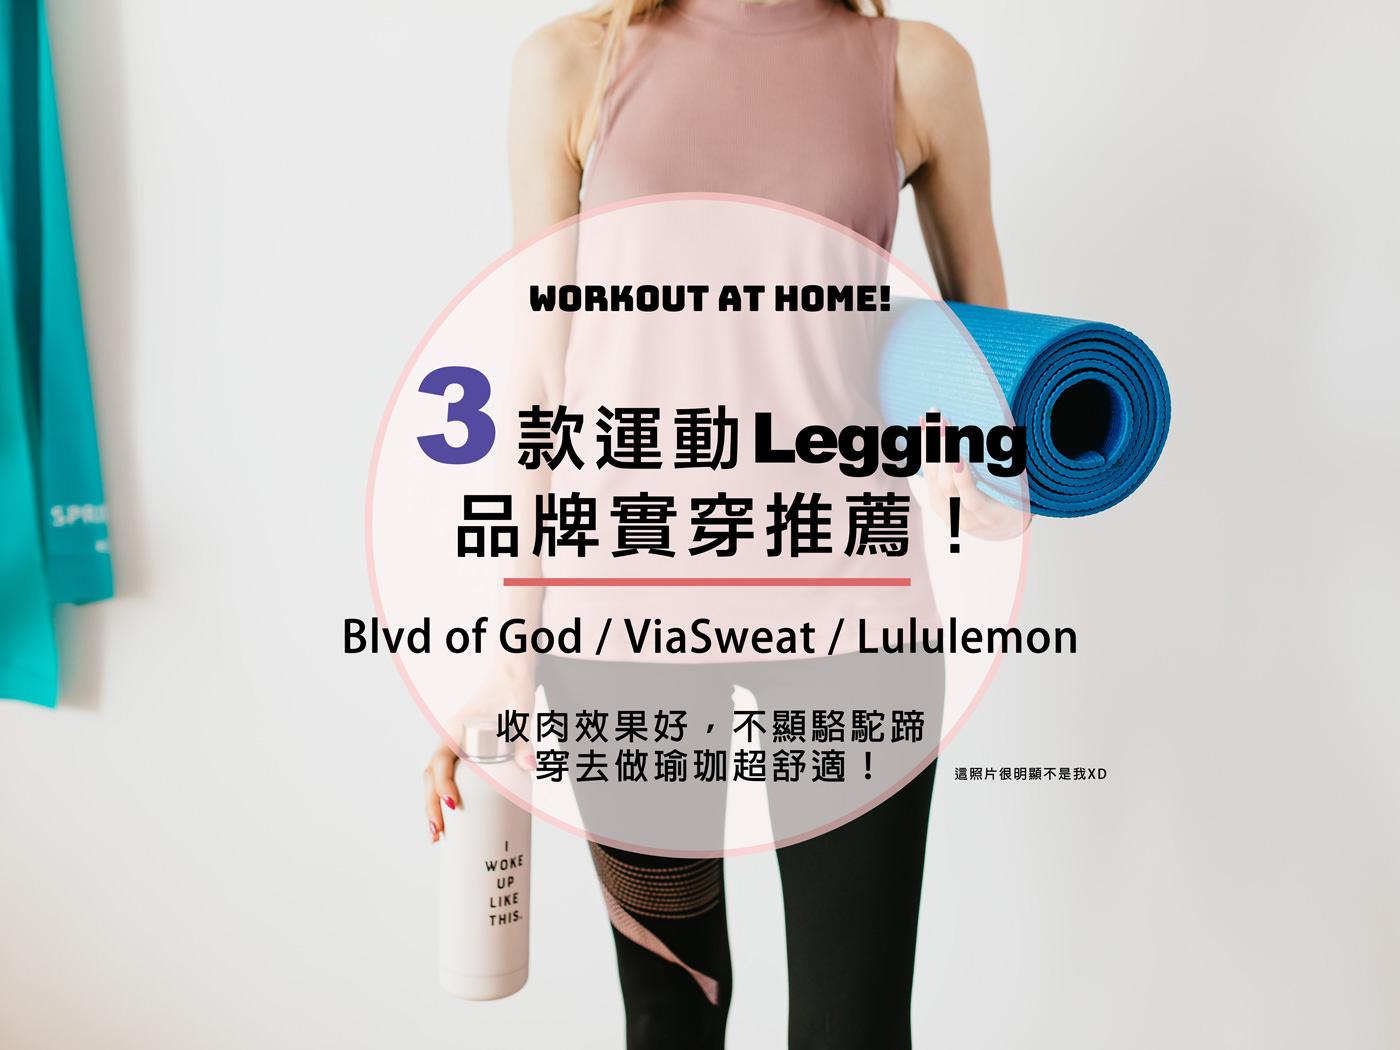 【運動健身】收肉效果讚&不顯駱駝蹄的運動Legging品牌推薦:Blvd of God、ViaSweat、Lululemon